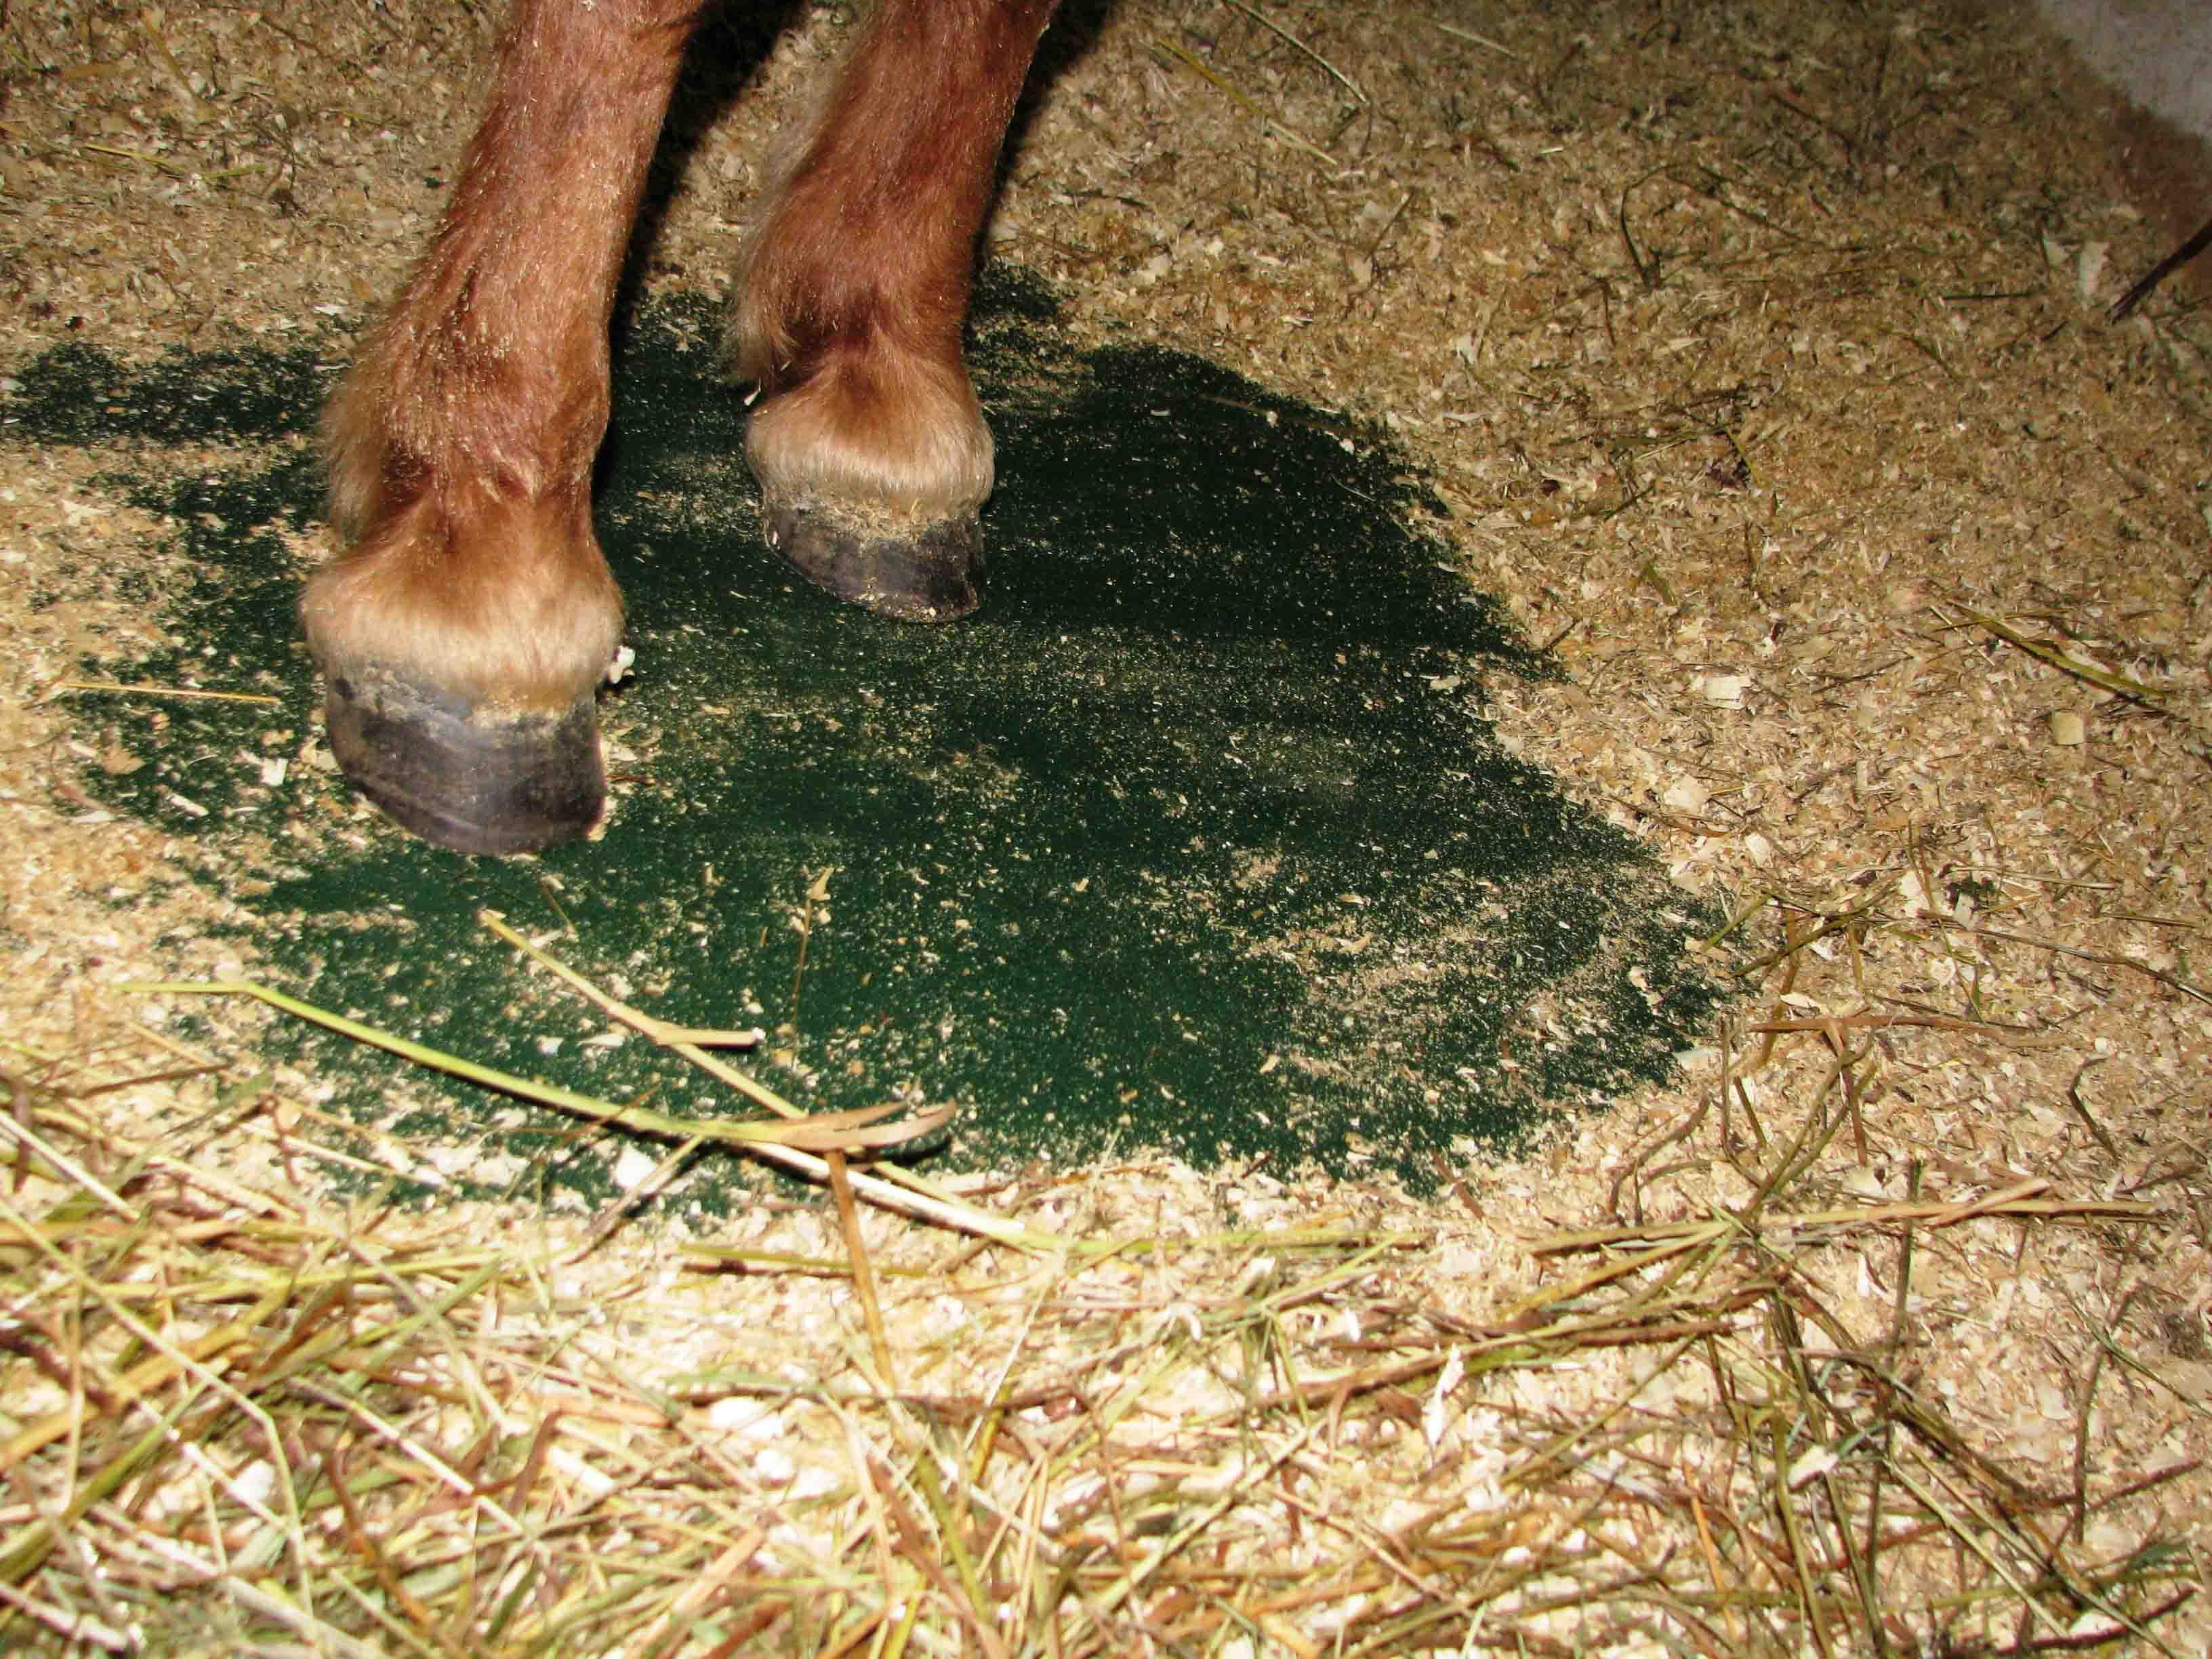 Как сделать стойло для лошади: бокс, размеры, пол, стены и двери